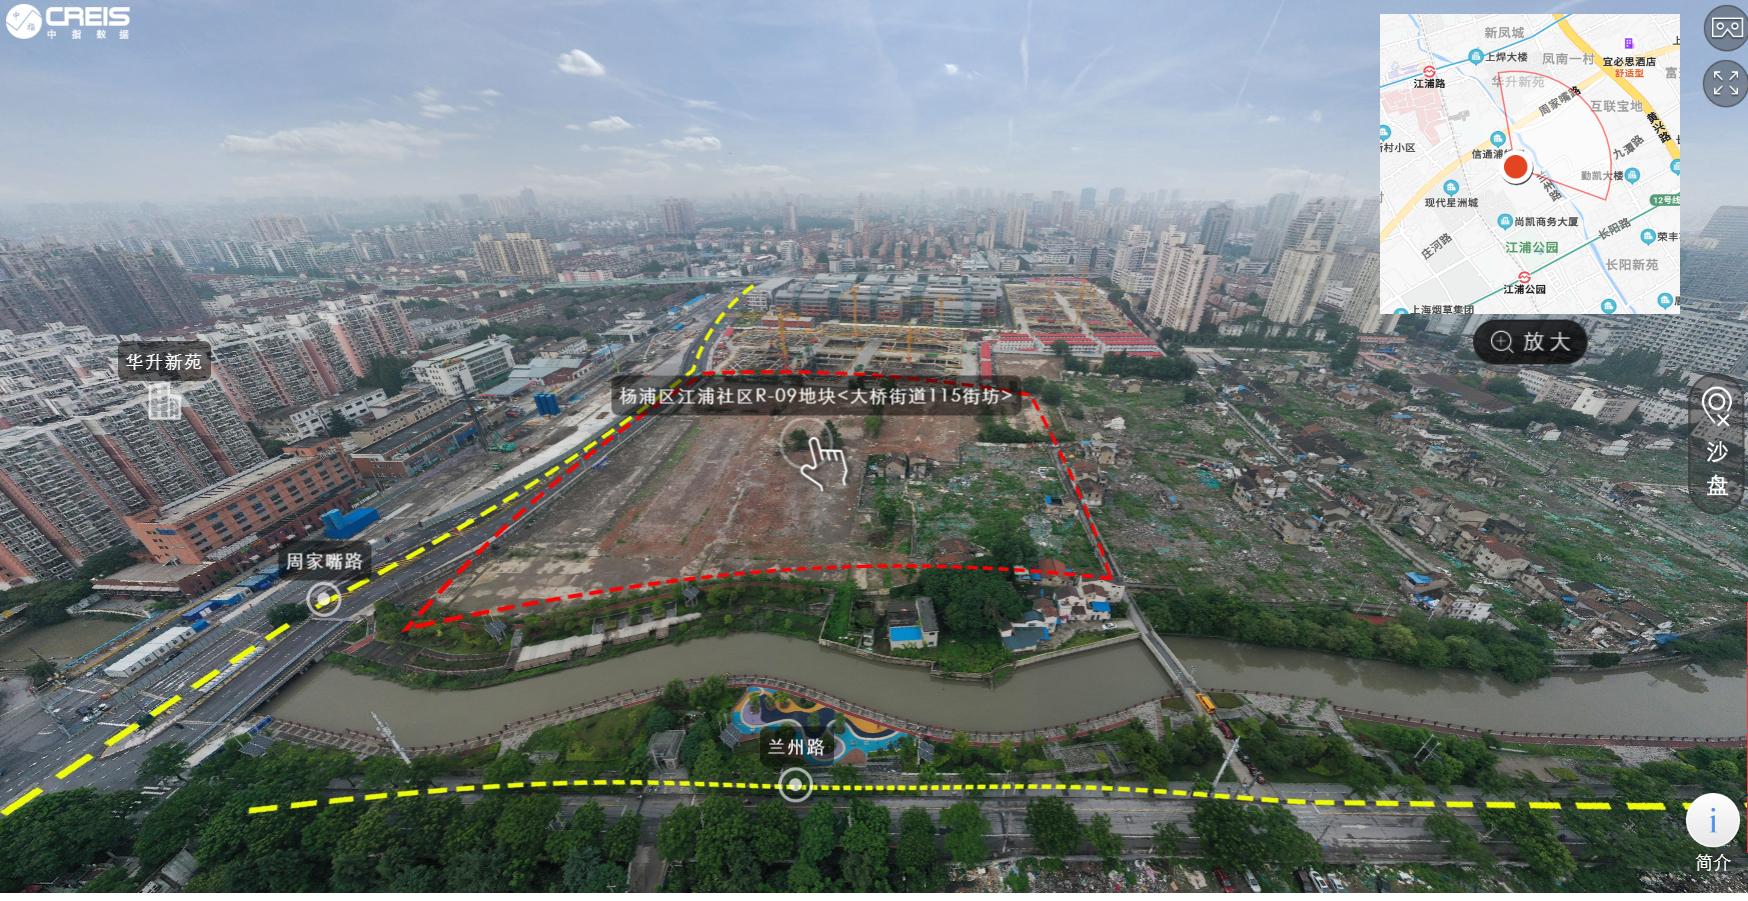 杨浦区江浦社区R-09地块中国指数钻研院图